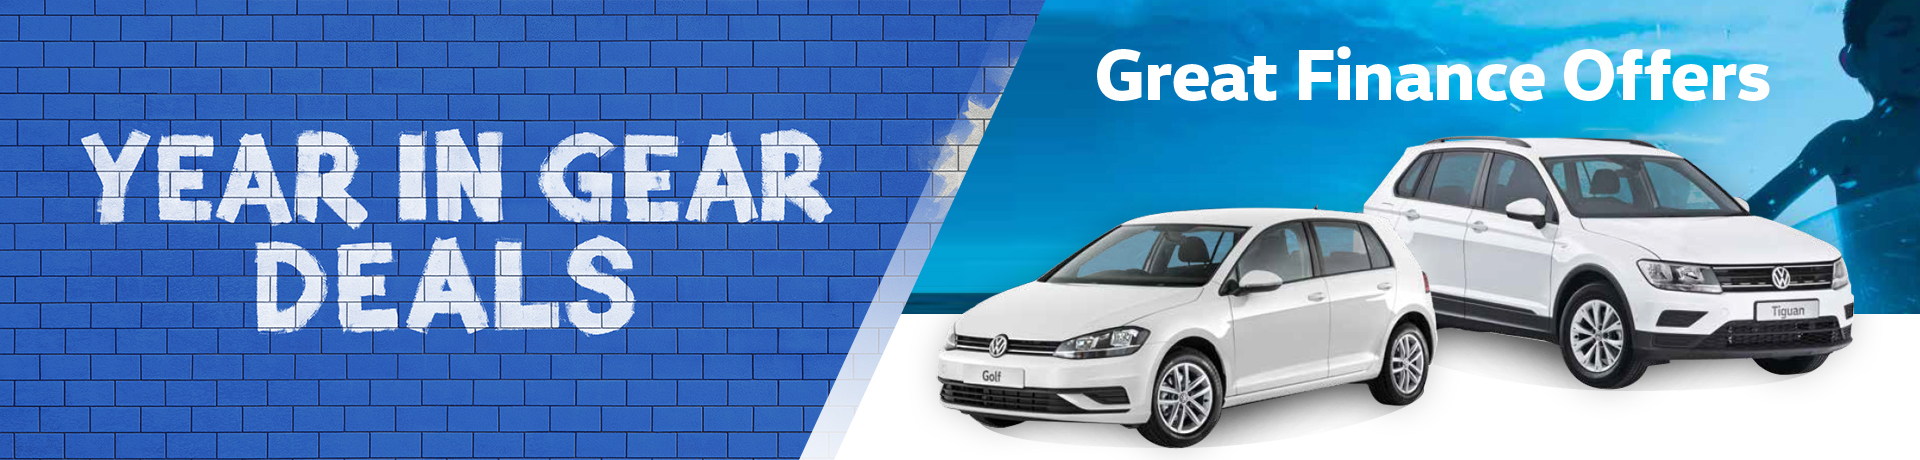 Volkwagen - Year in Gear Deals / Great Finance Offers